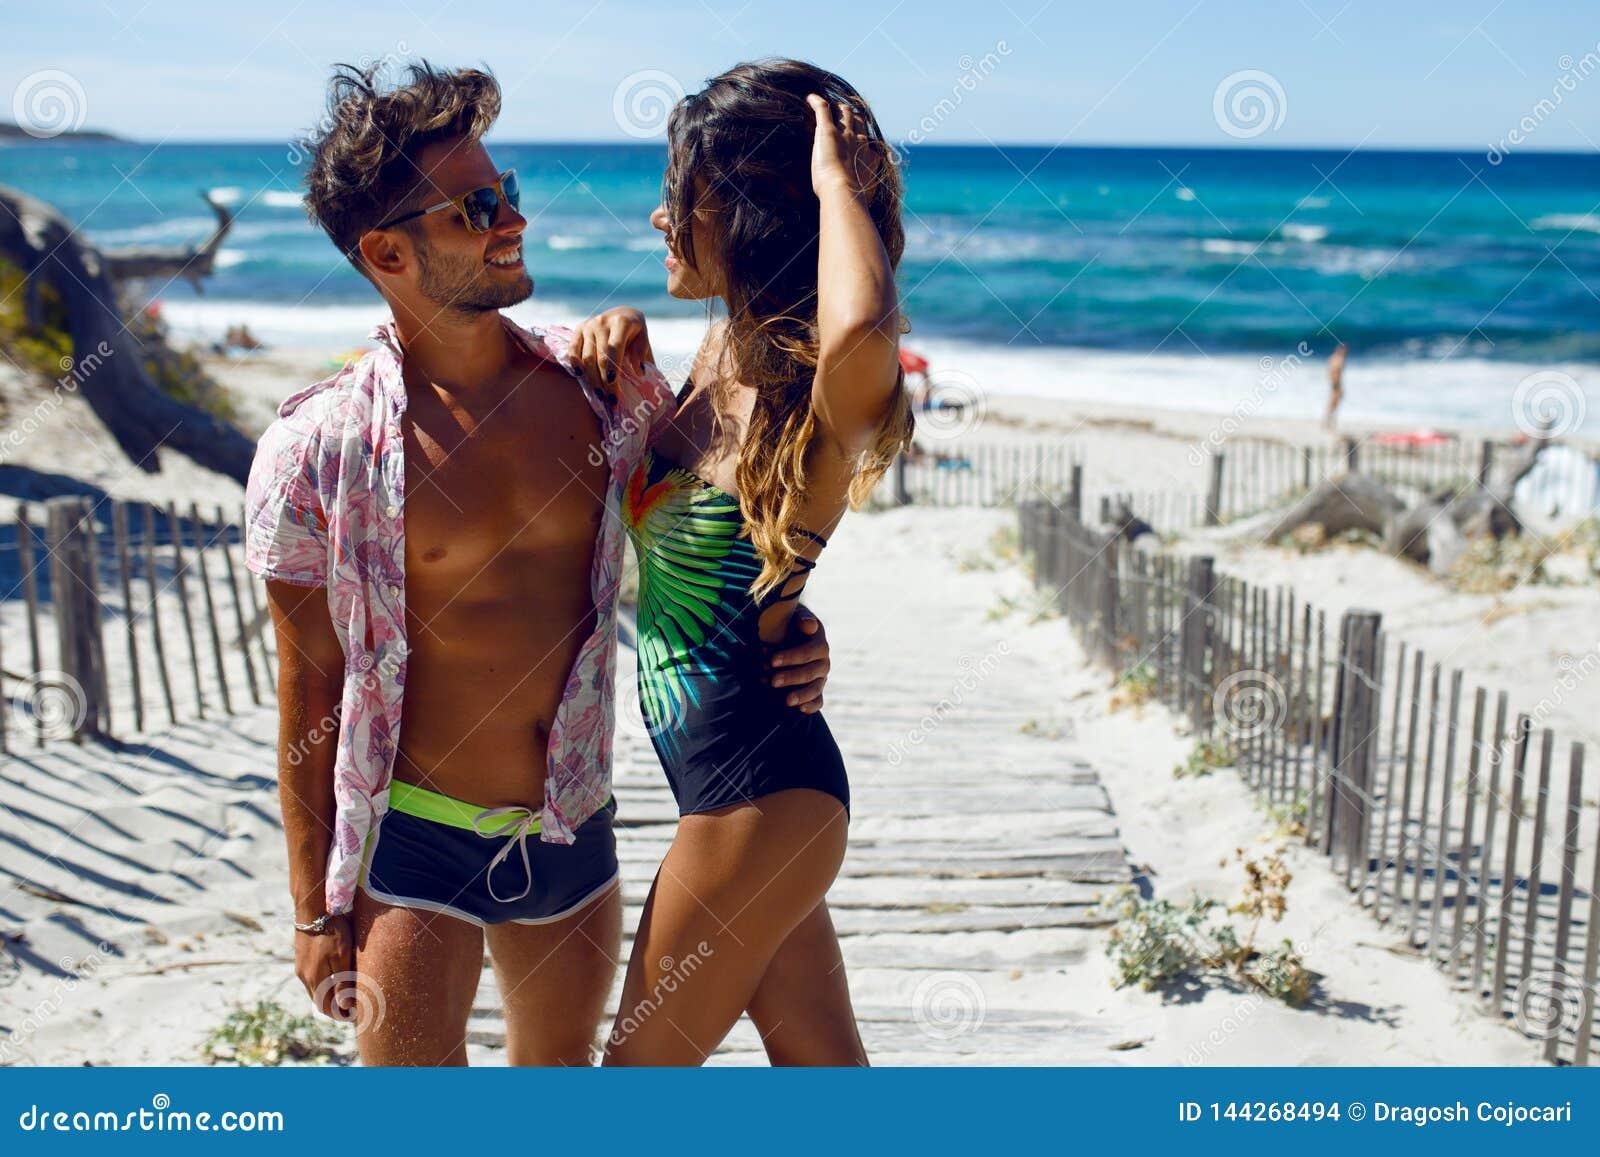 Porträt von einem attraktiven, Glückpaaraufstellung sexy auf dem Strand auf Korsika-Insel, auf Meerblickhintergrund